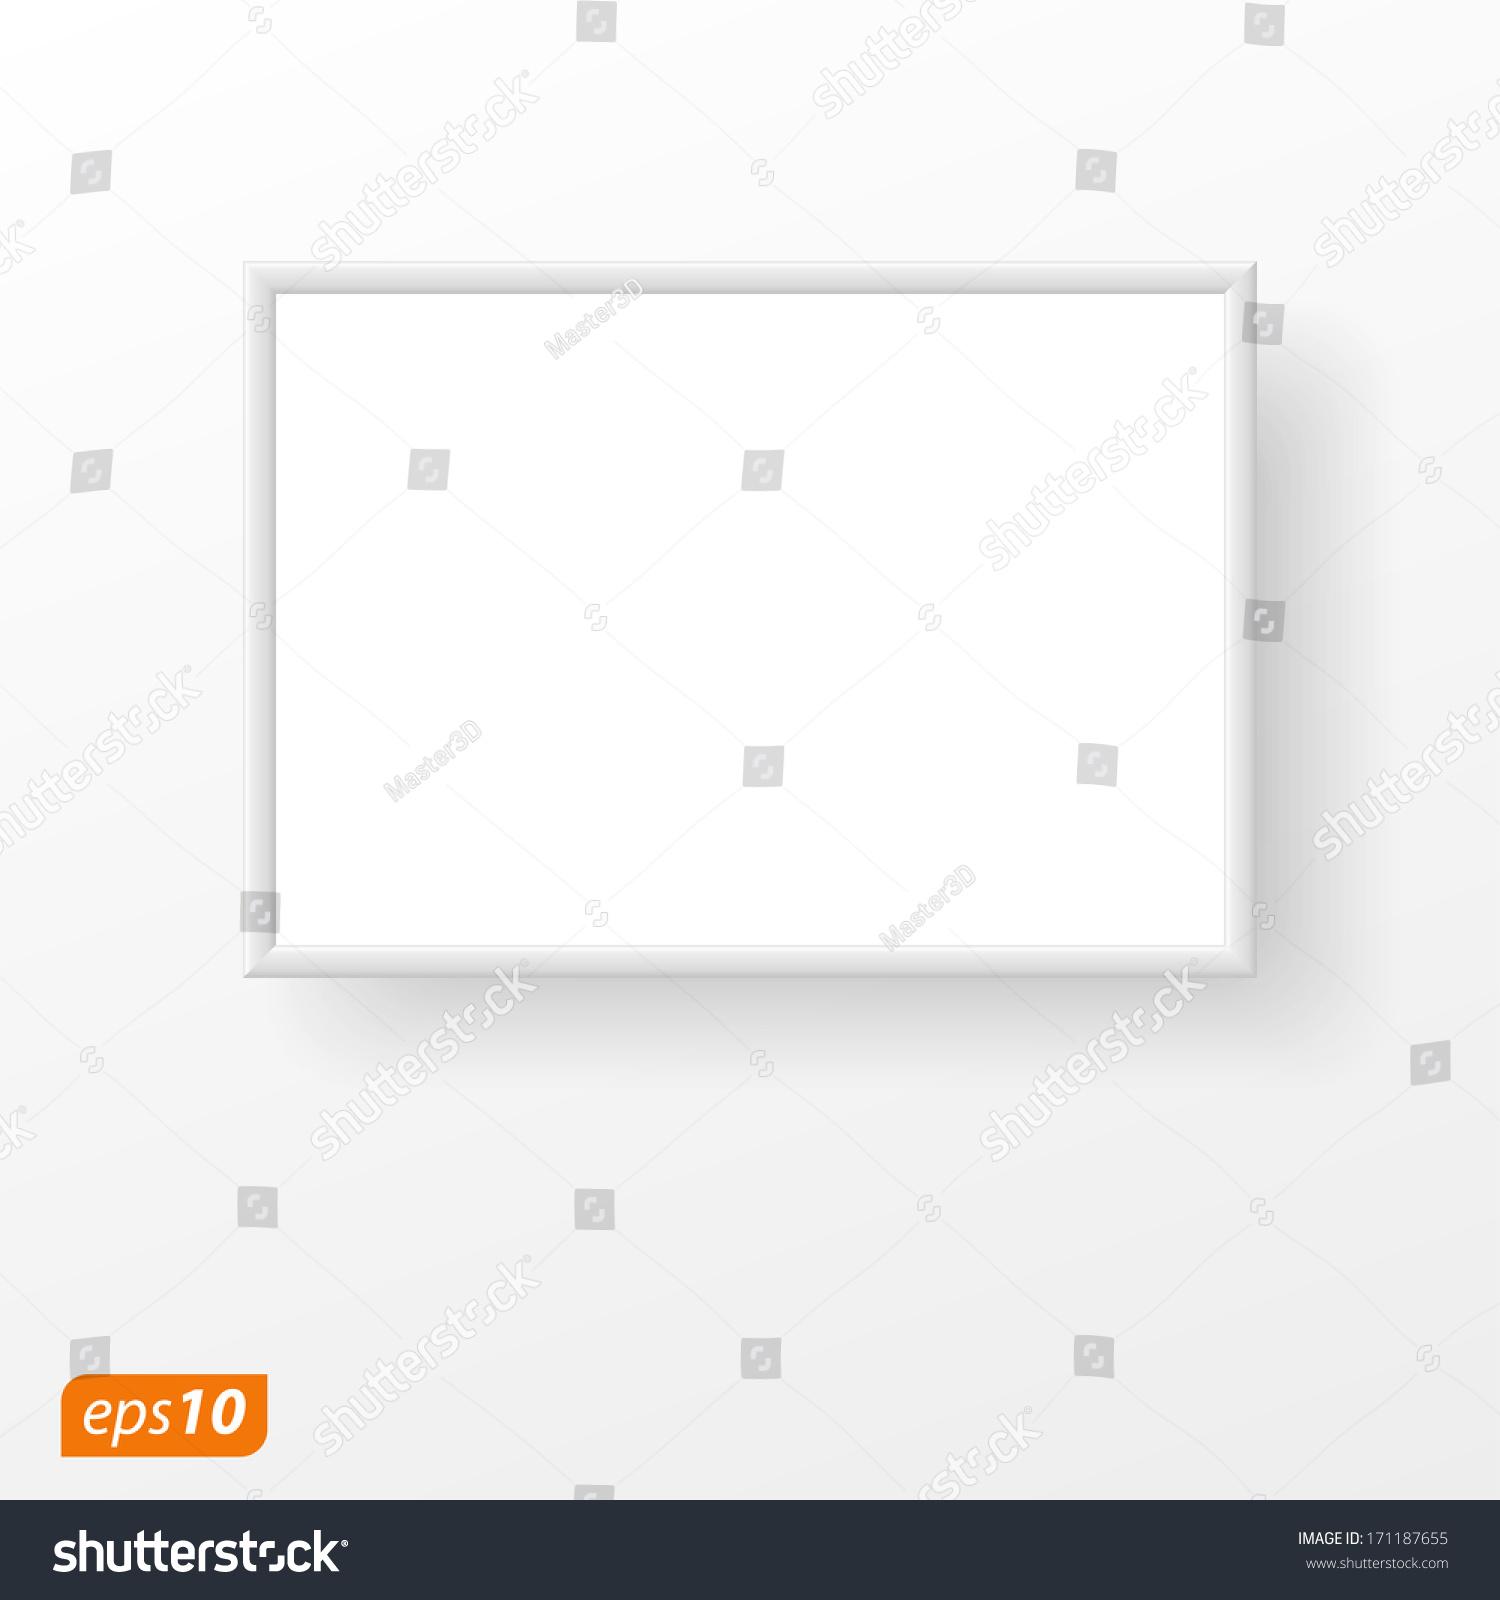 White frame on white plane stock vector 171187655 shutterstock white frame on white plane jeuxipadfo Gallery